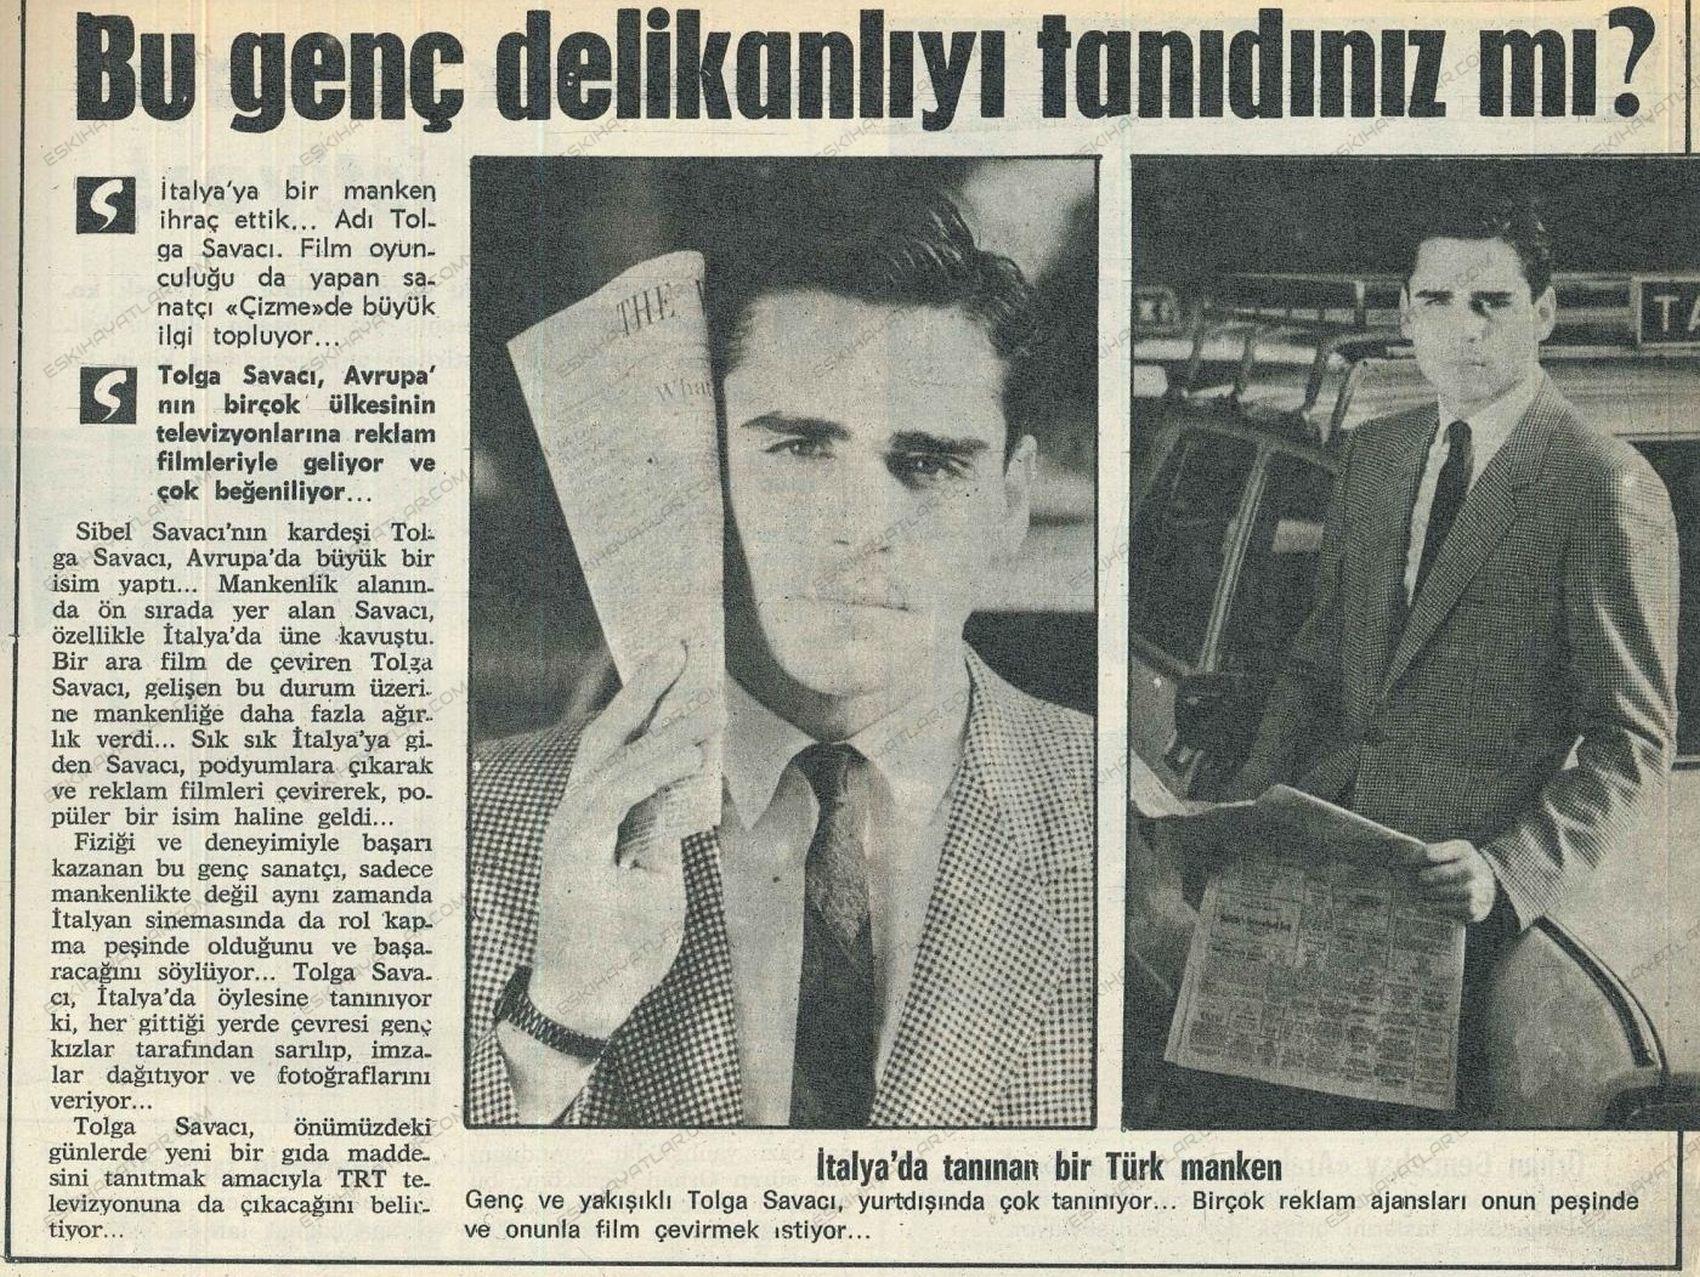 0346-tolga-savaci-1989-ses-dergisi-haberi